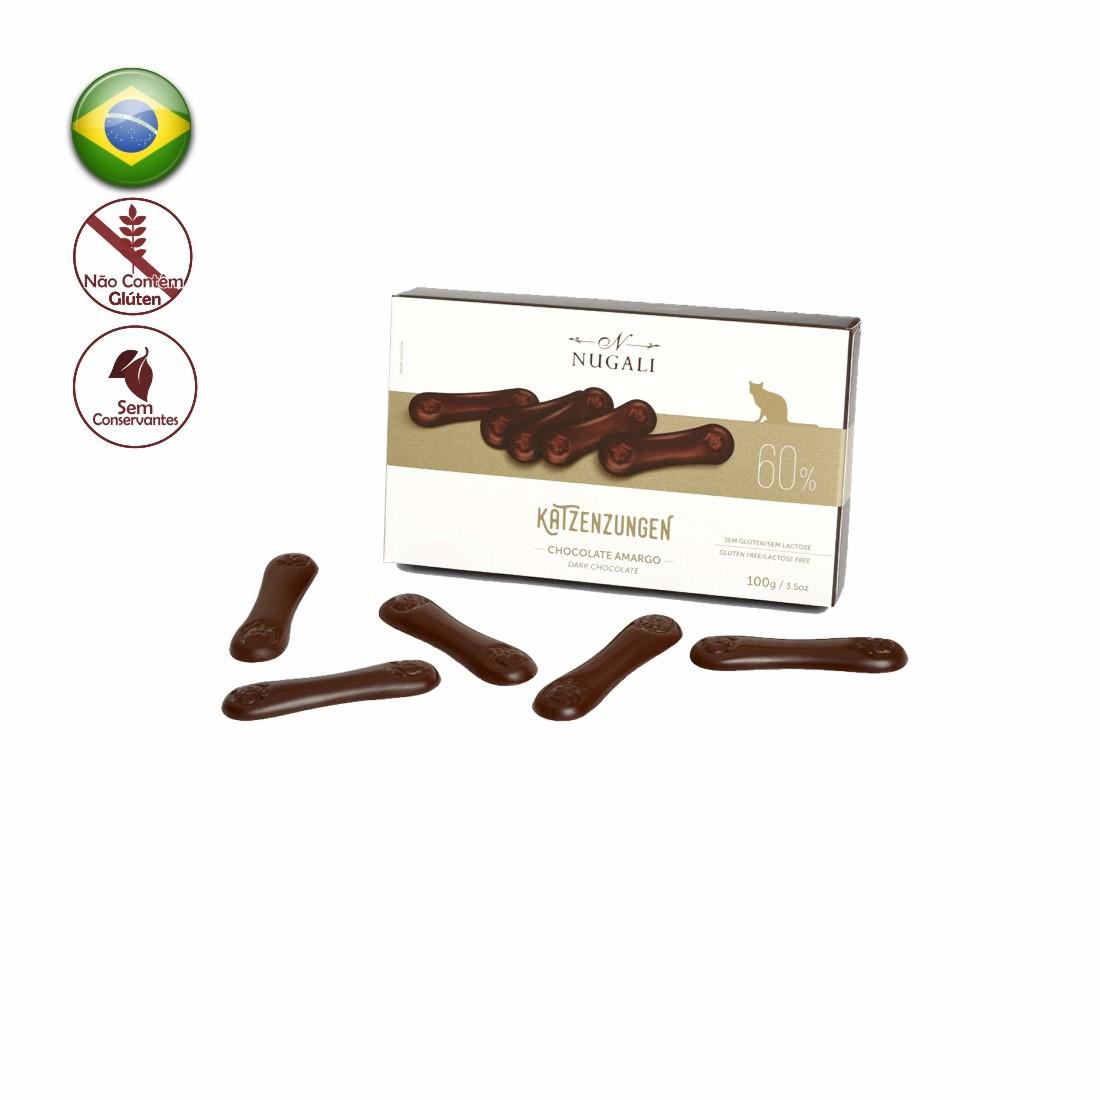 KATZENZUNGEN NUGALI CHOCOLATE AMARGO 60% 100G